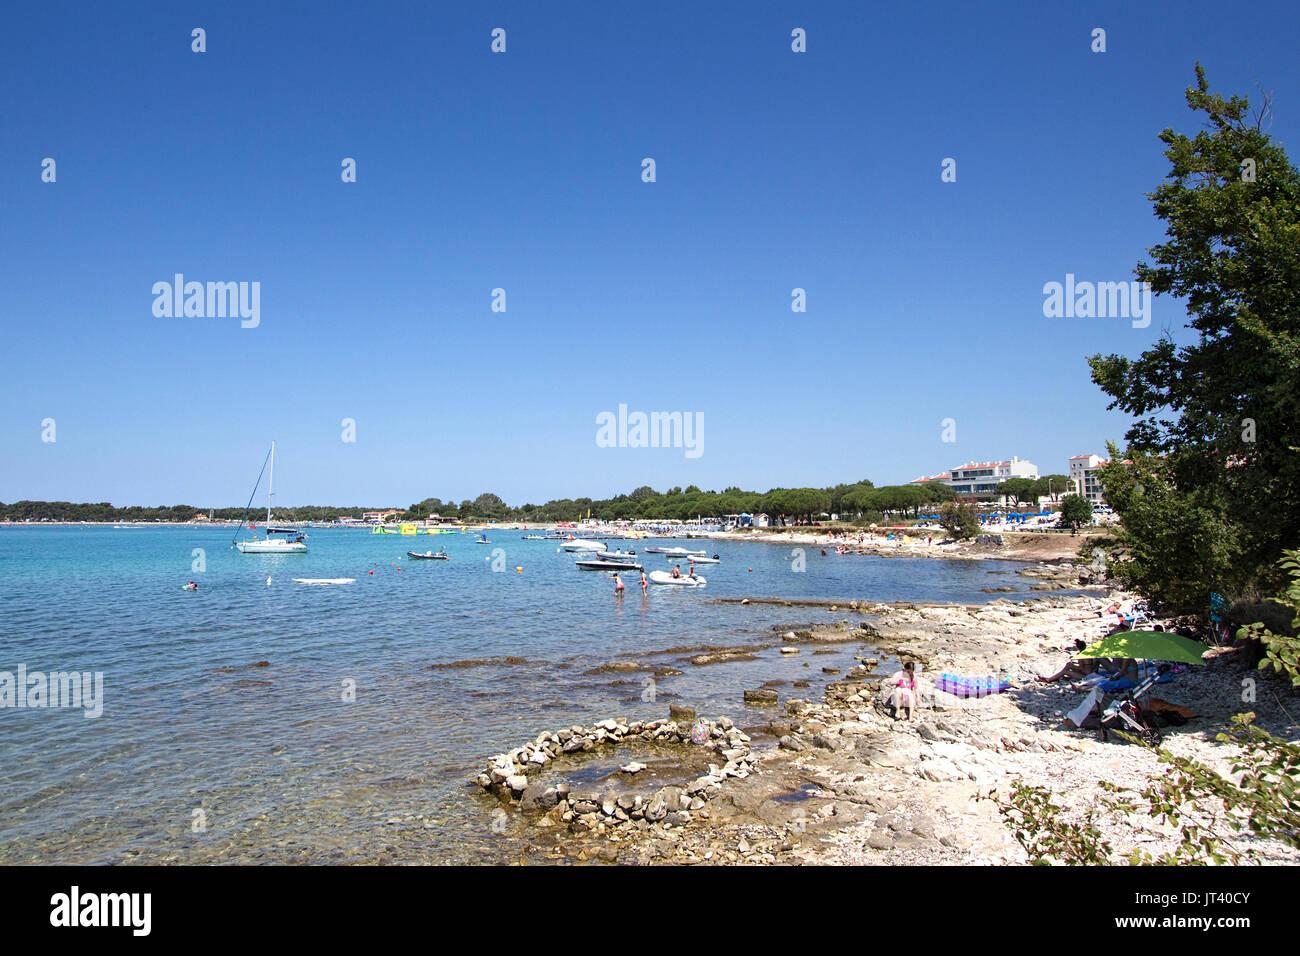 Una de las playas a lo largo de la costa cerca de Medulin, Croacia. Zona popular tanto entre los turistas croatas e internacionales Imagen De Stock